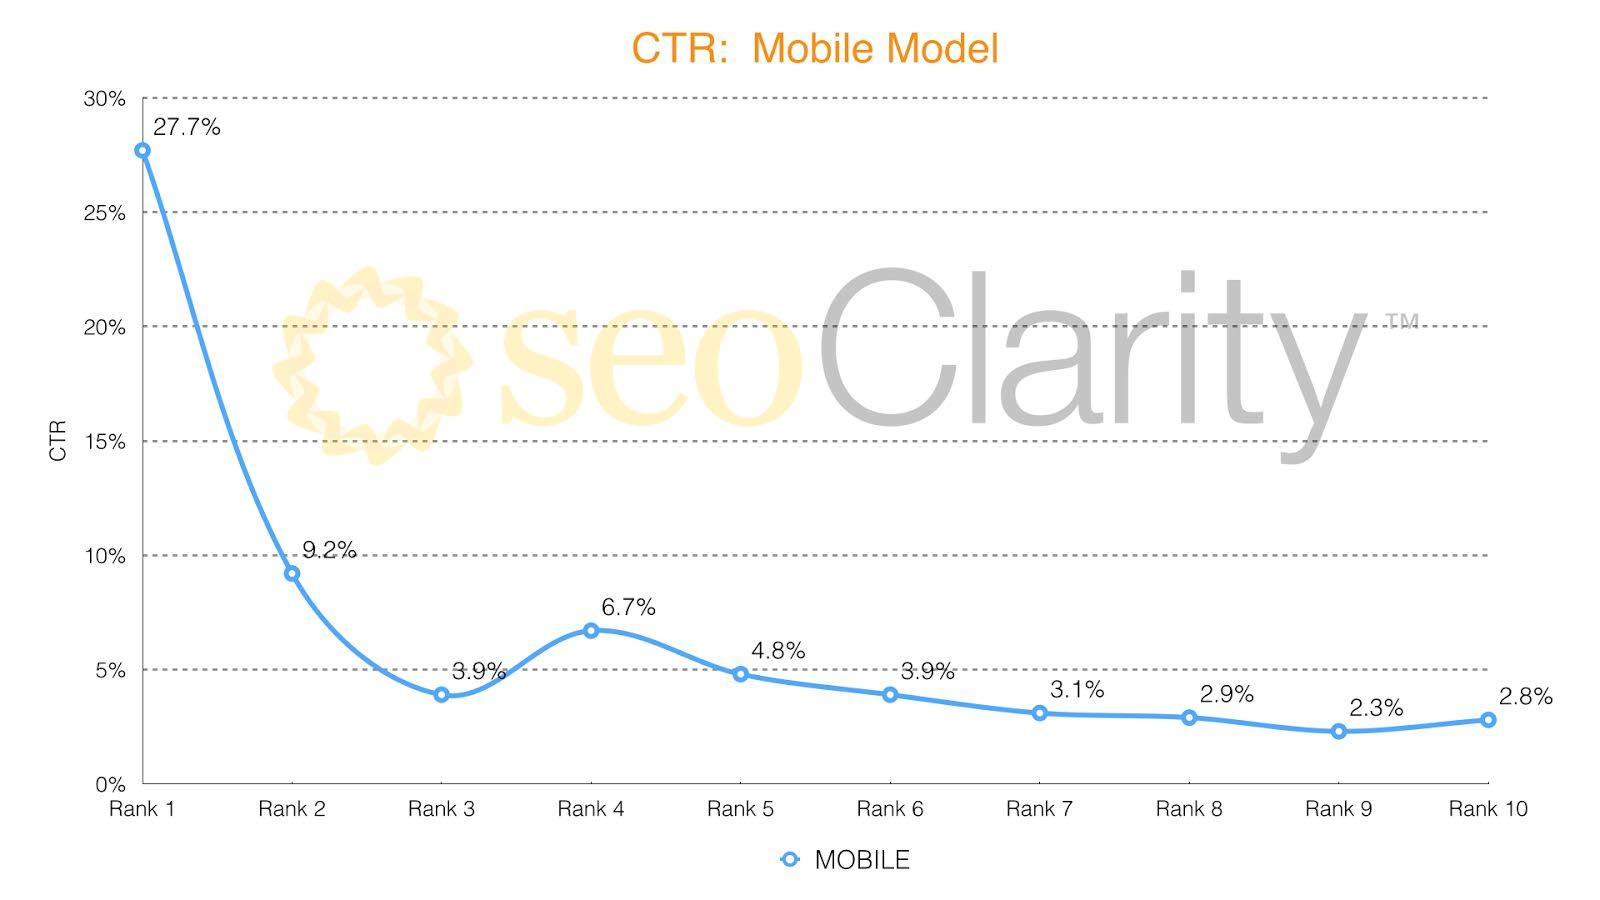 ctr-mobile-model-final